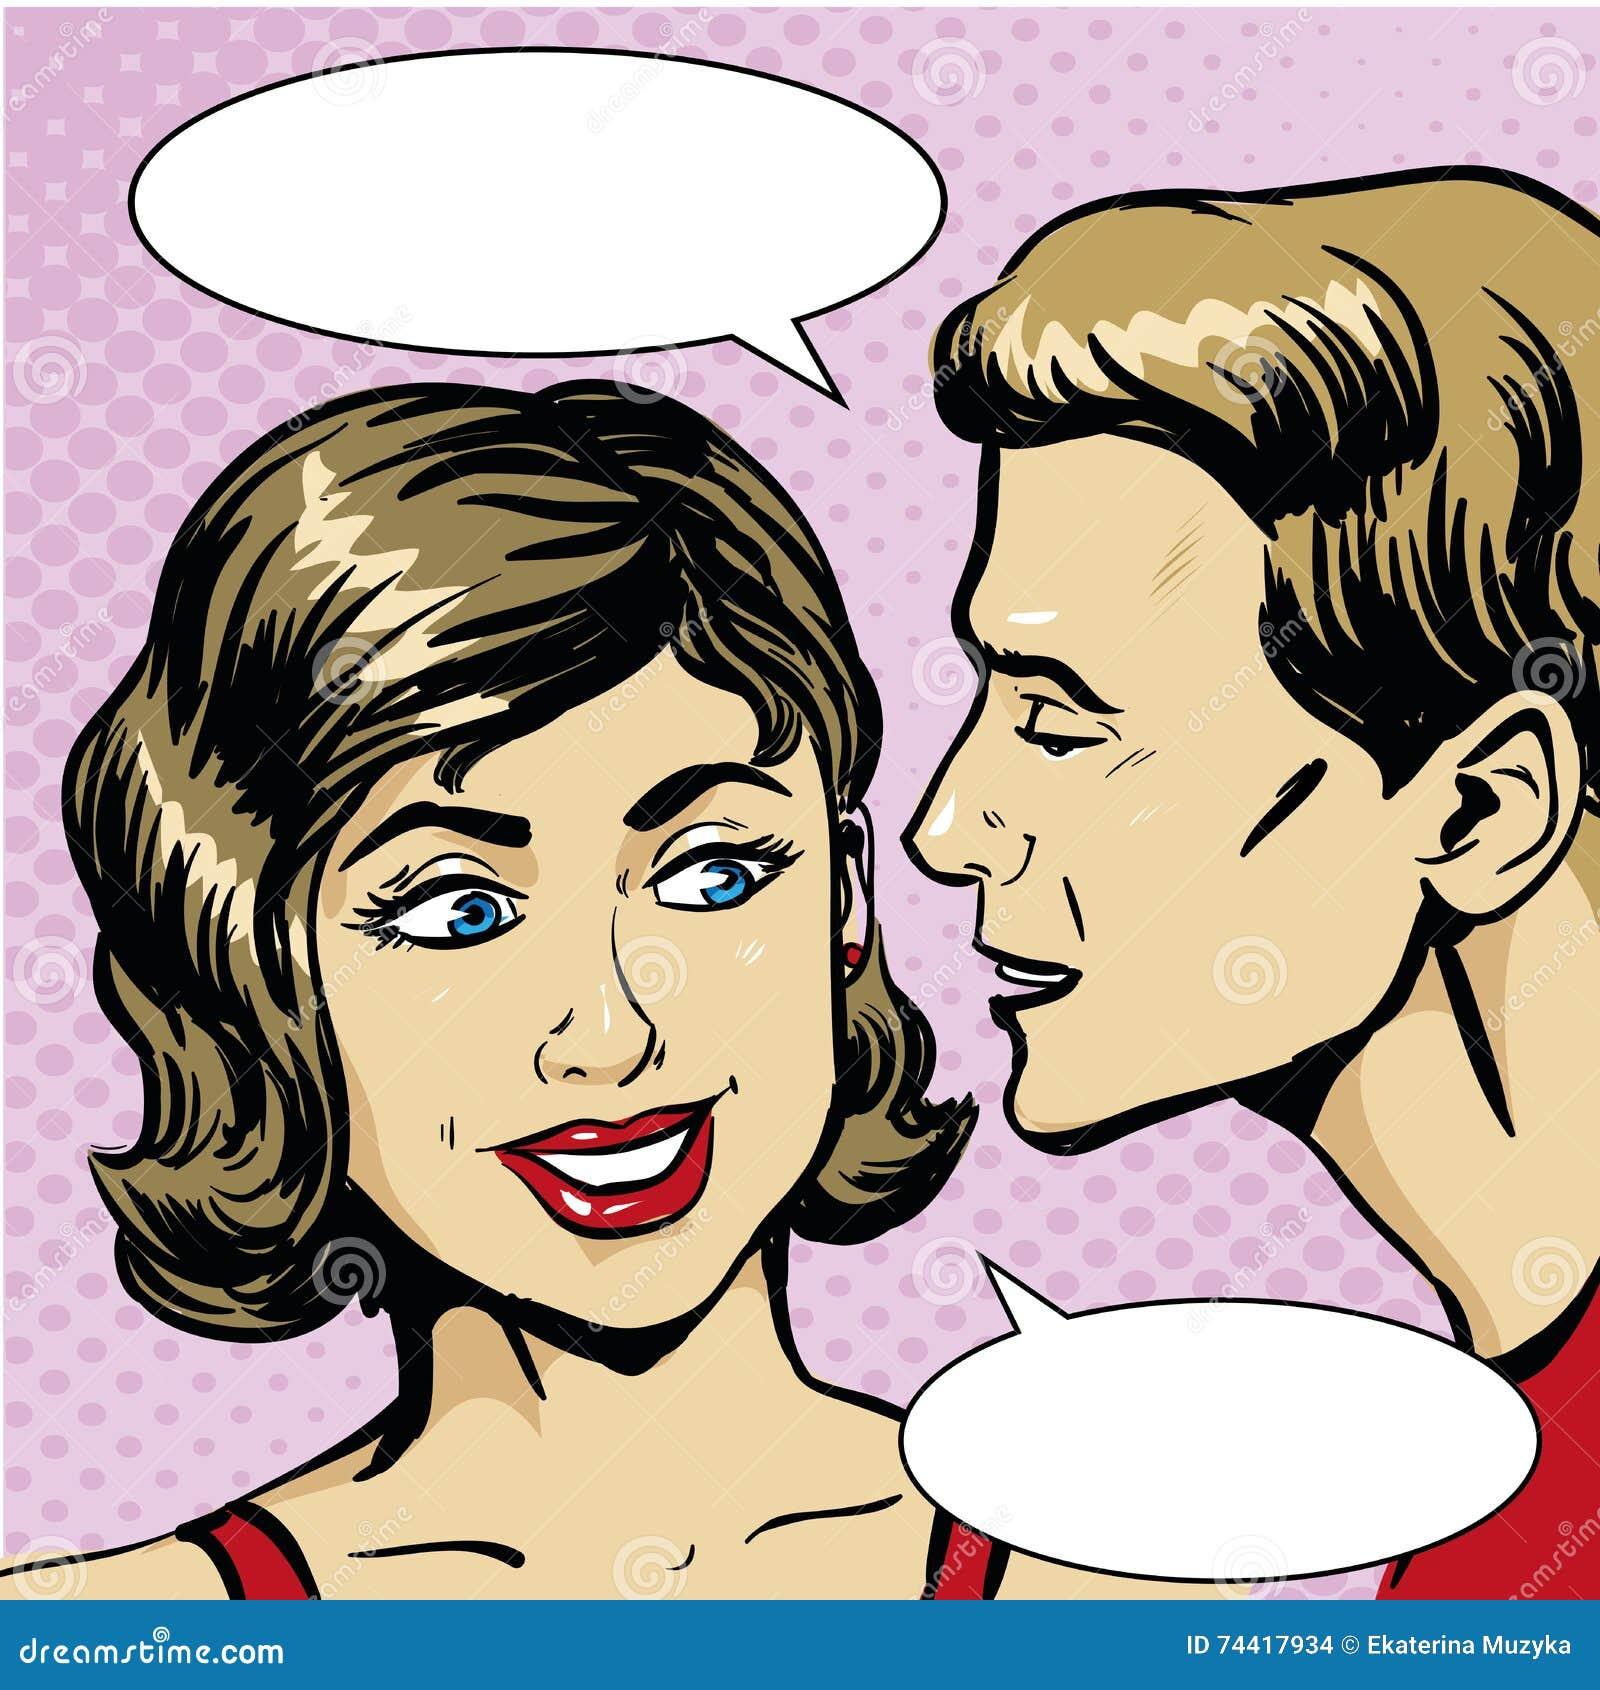 Wystrzał sztuki retro komiczna wektorowa ilustracja Mężczyzna szepcze plotki lub sekretu kobieta bąbla graficznej osoby mowy targ